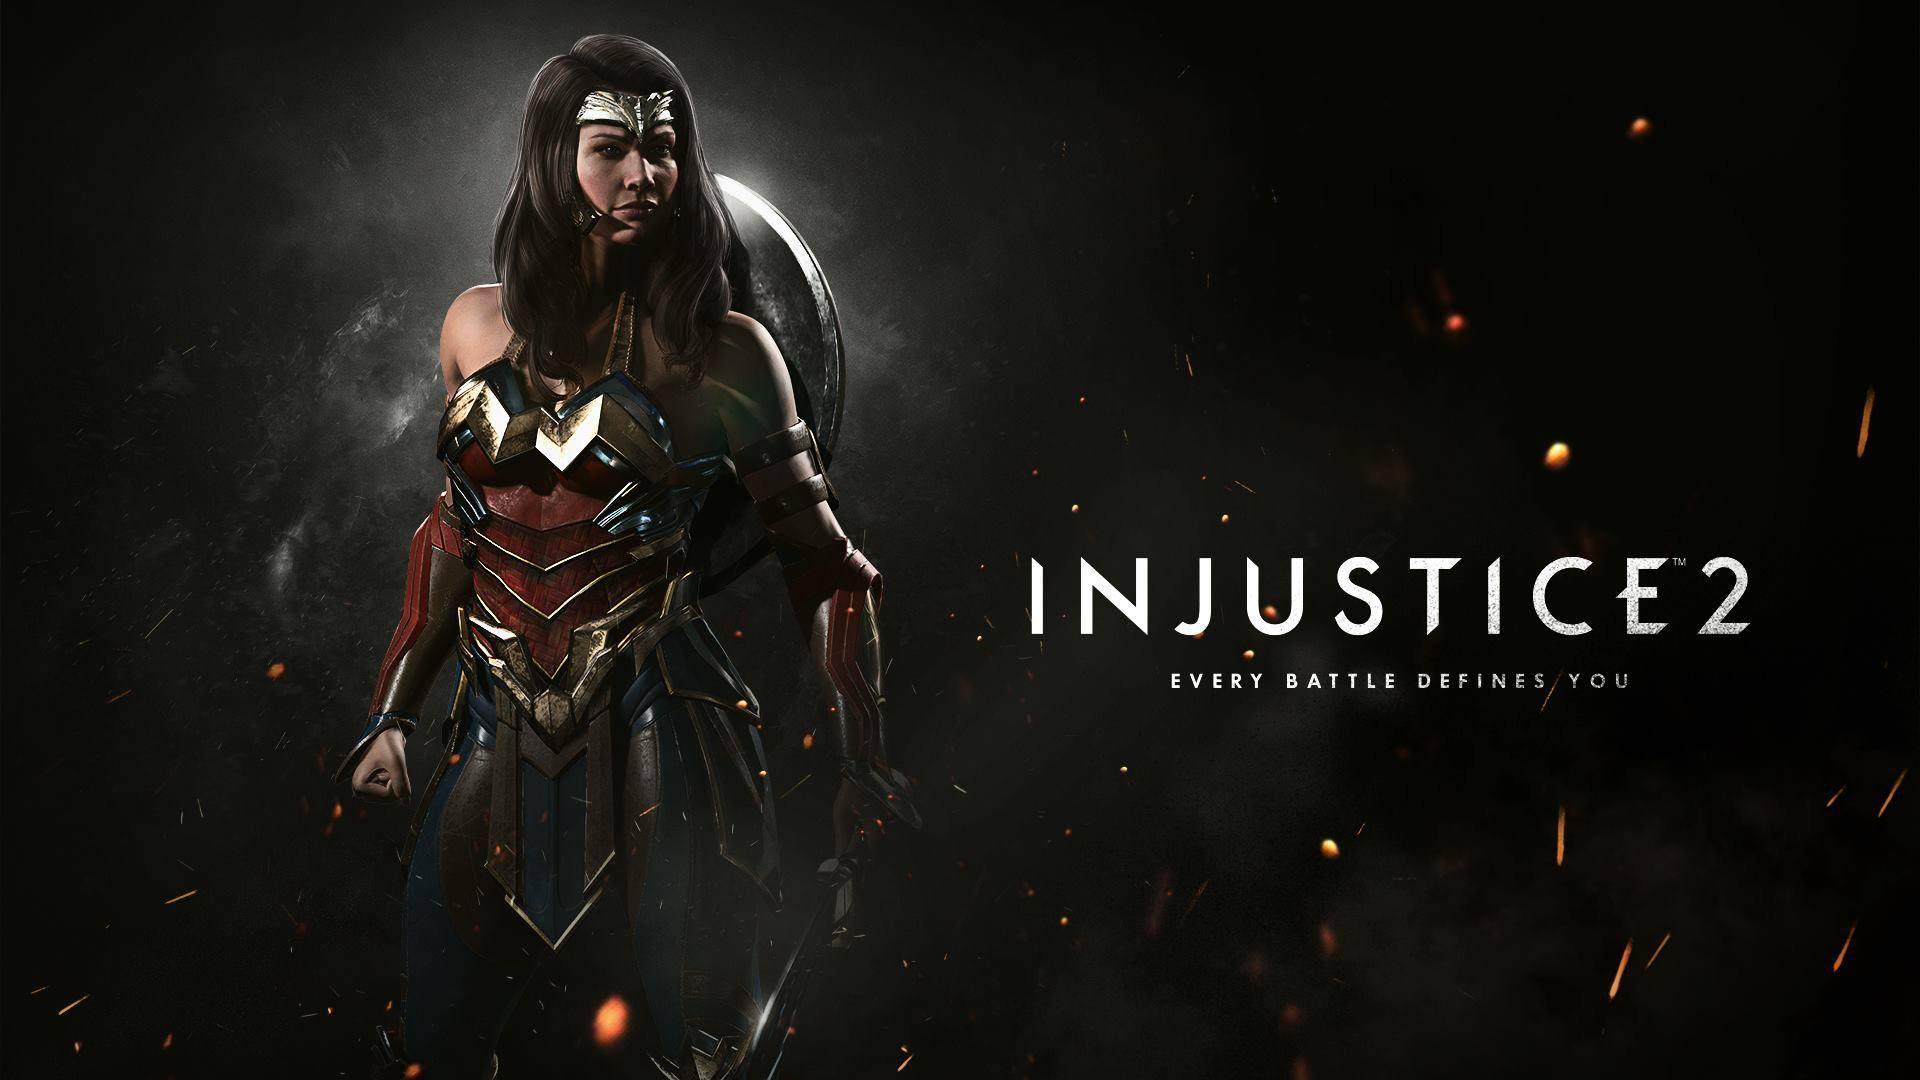 Wonder woman injustice 2. обои скачать